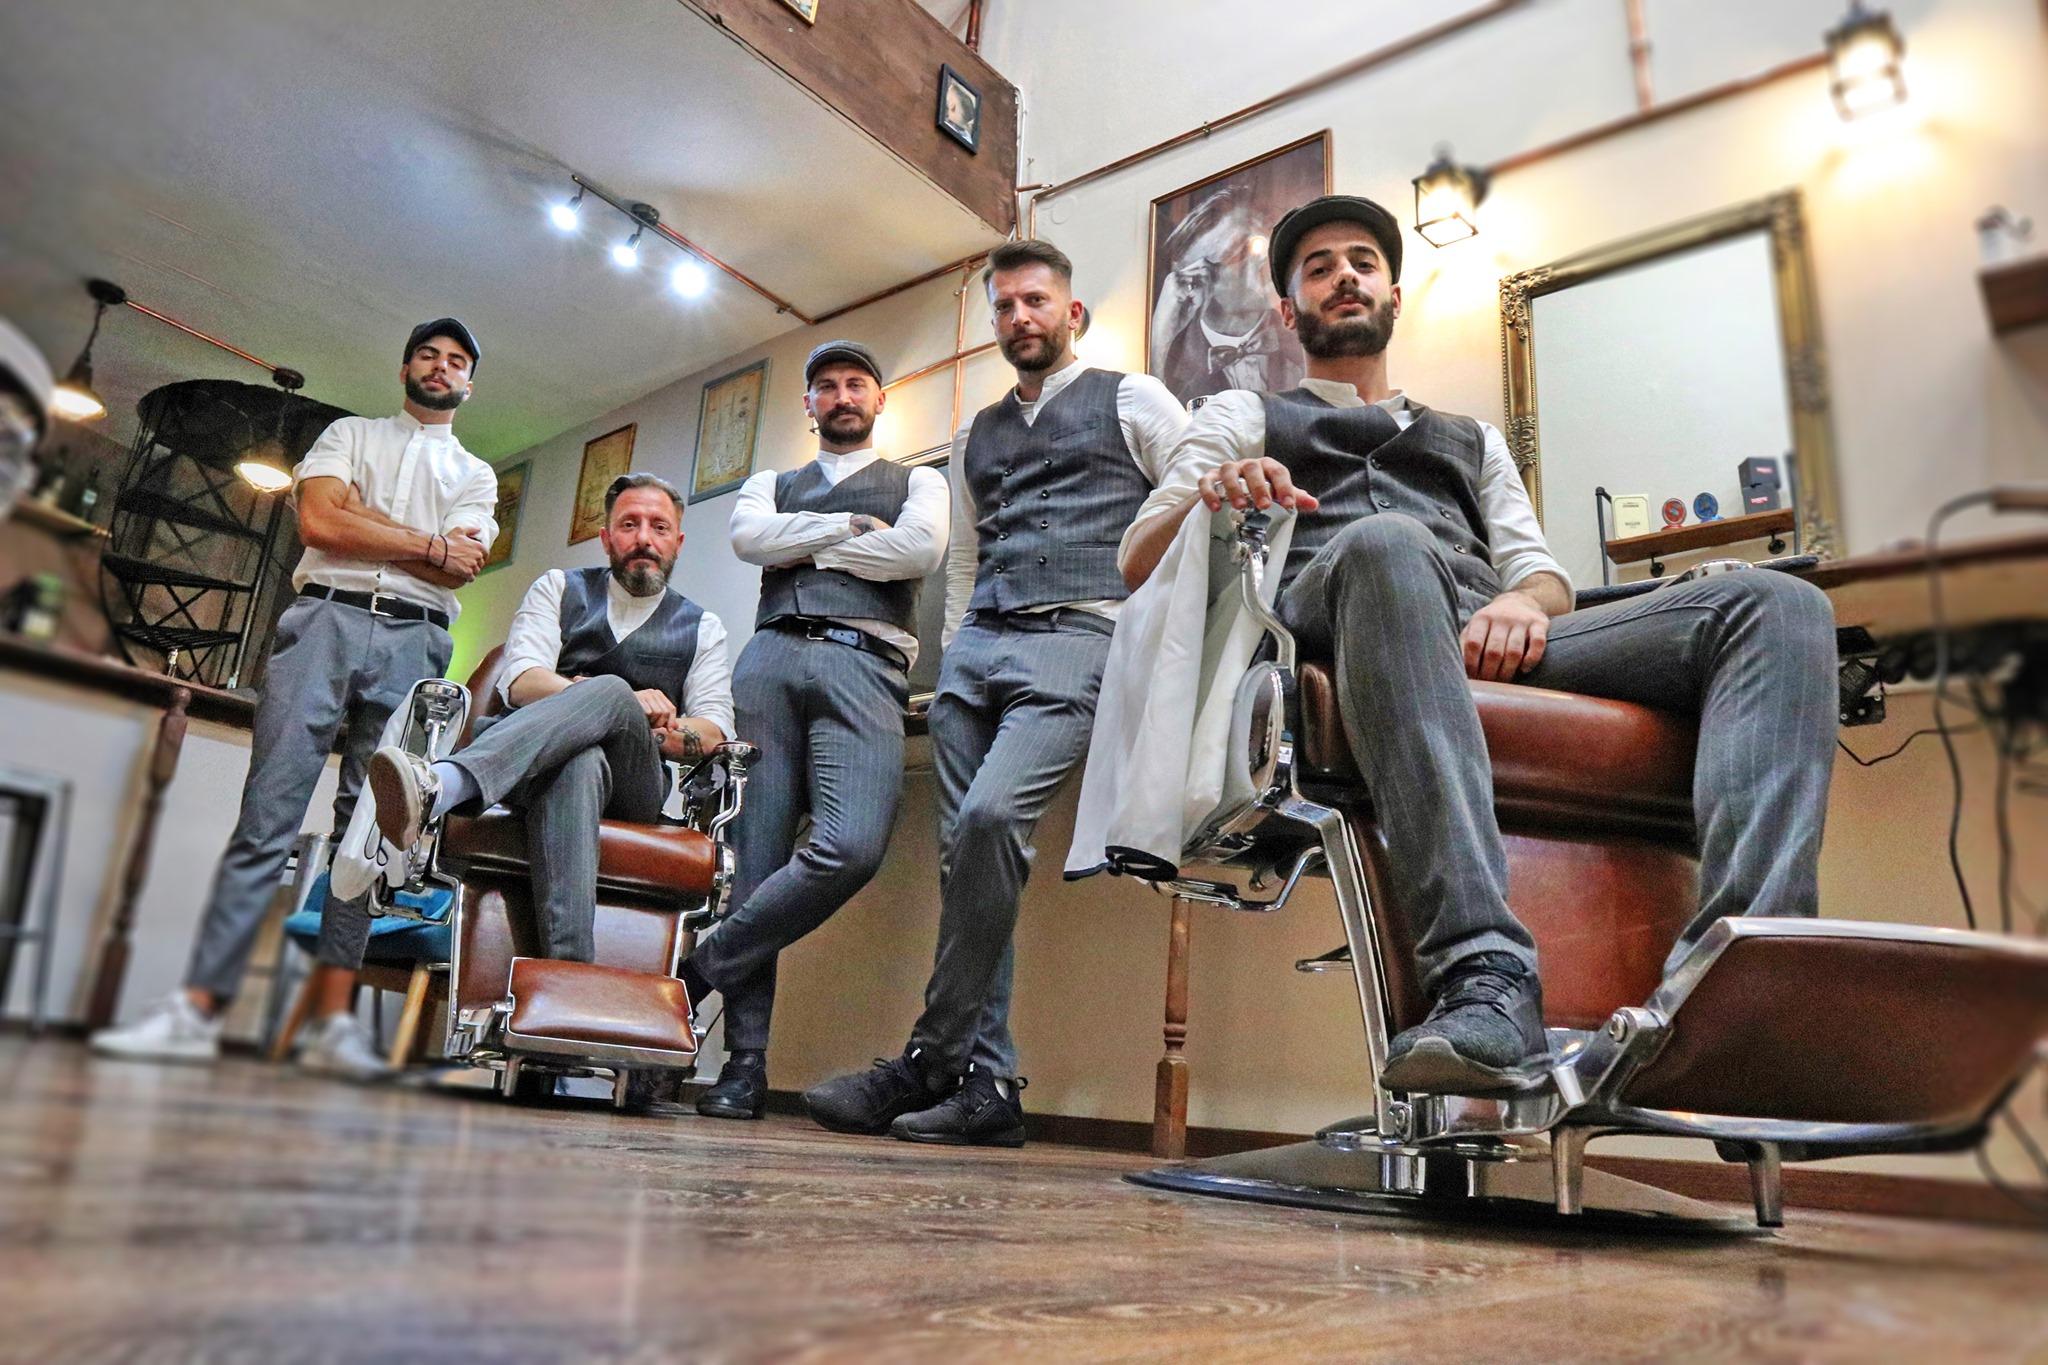 Peaky Barbers Barber μπαρμπεράδικα barbershop κουρείο μπαρμπέρικο